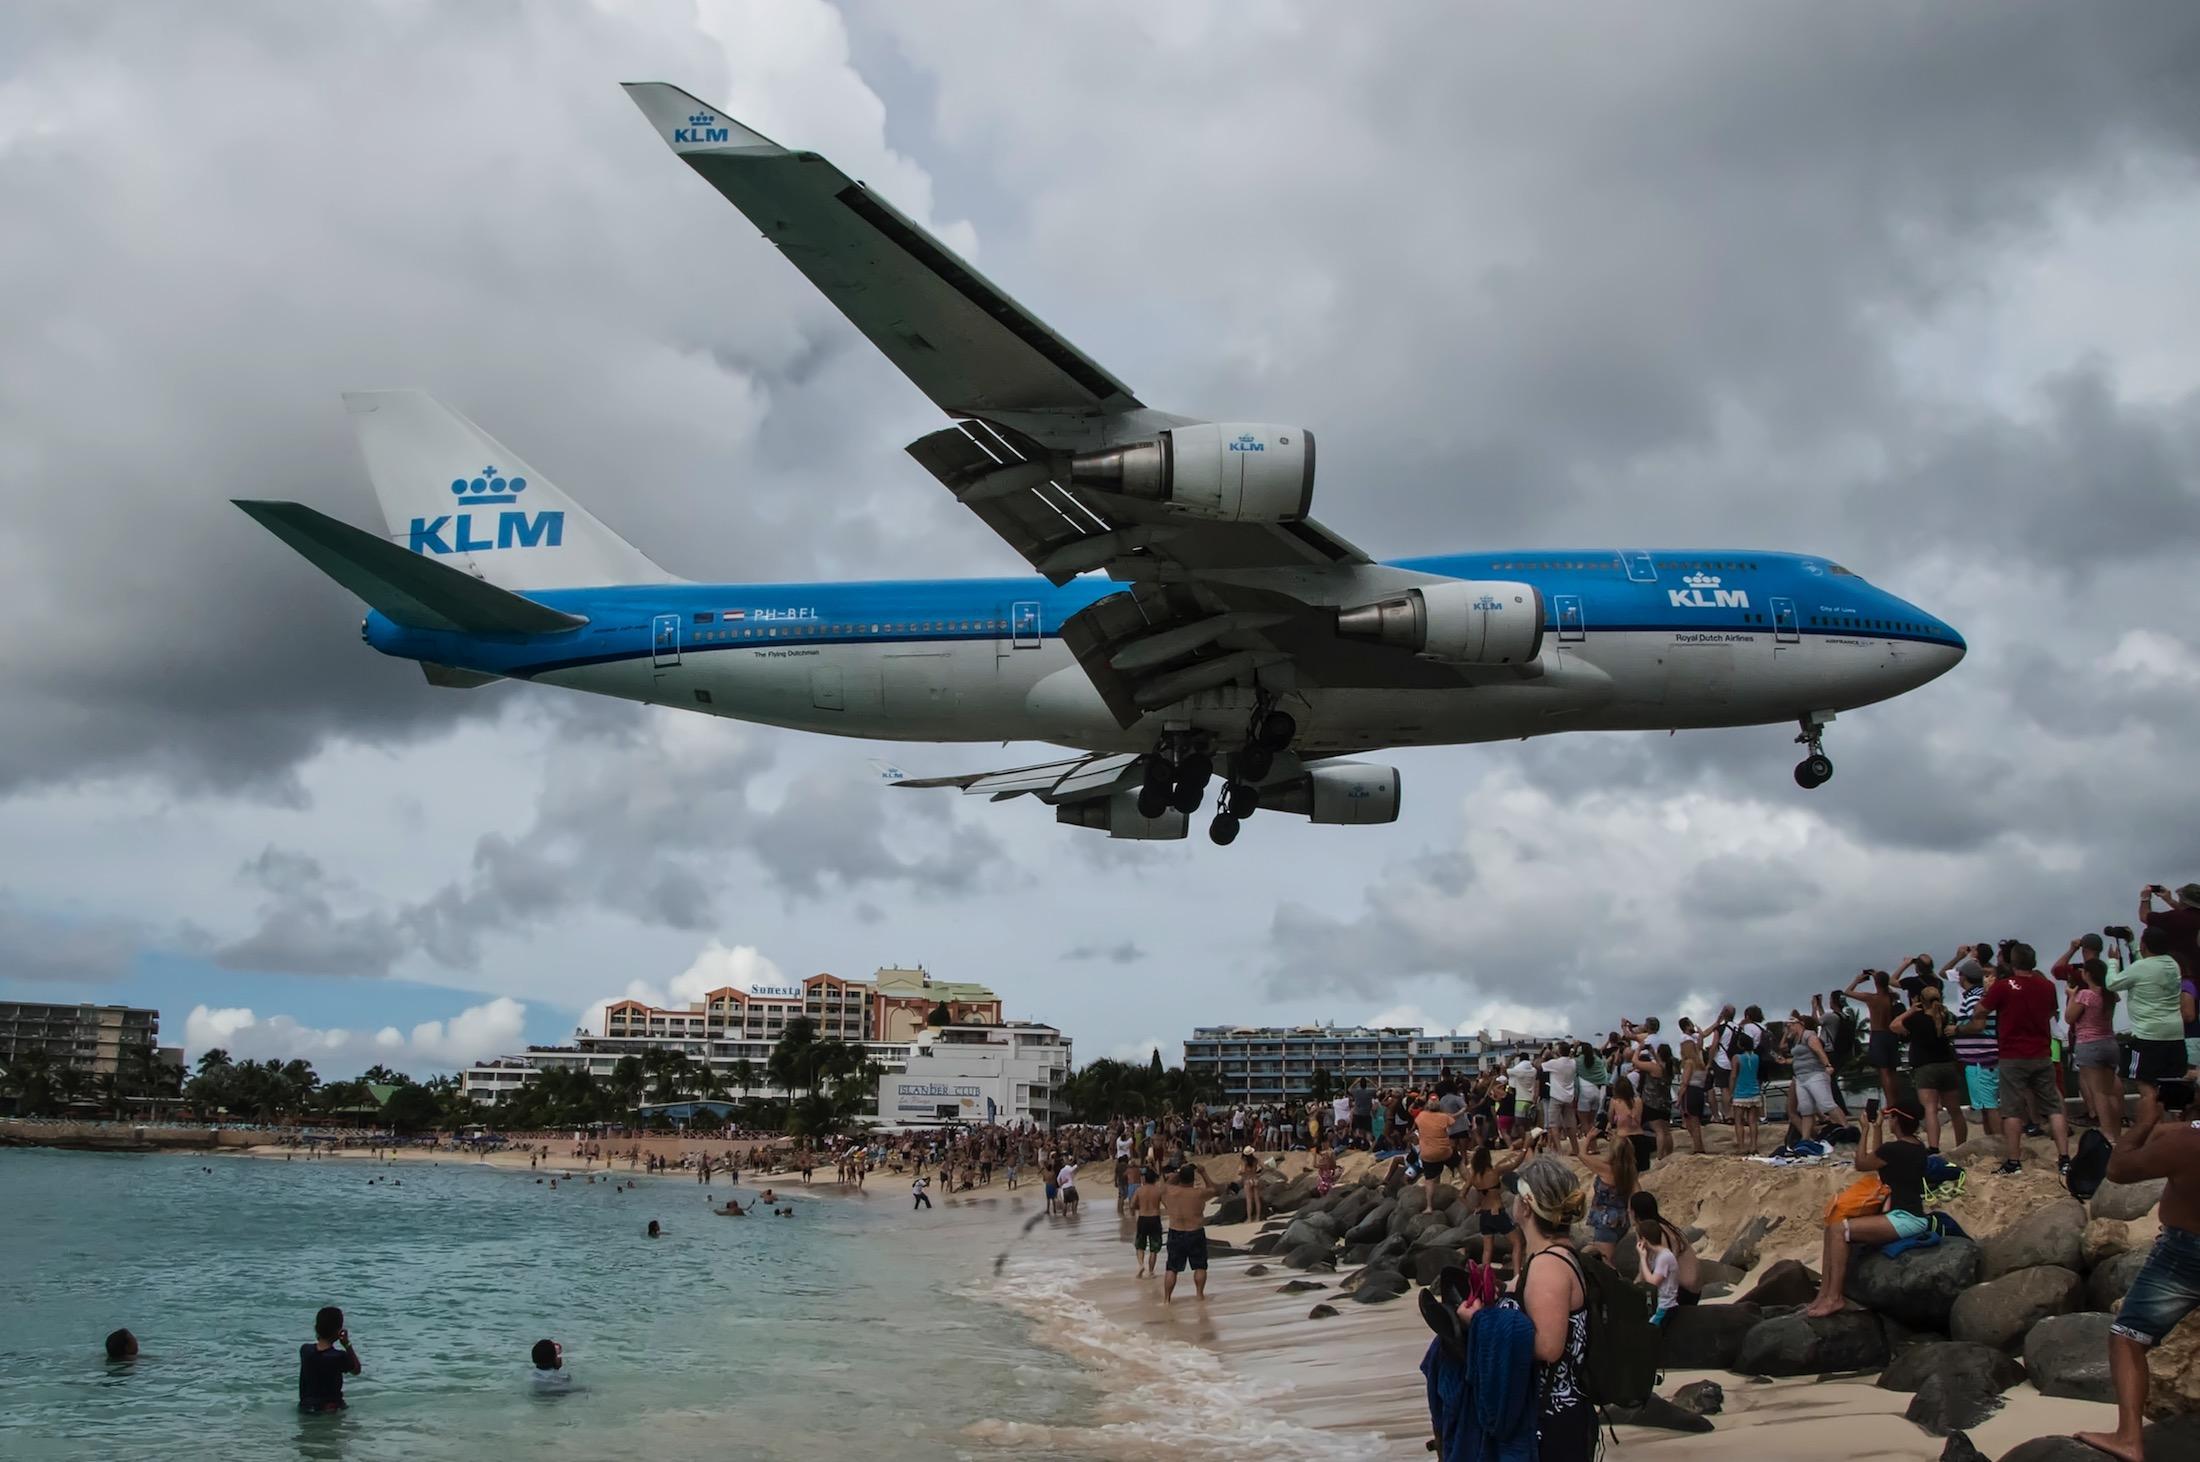 KLM in St. Maarten